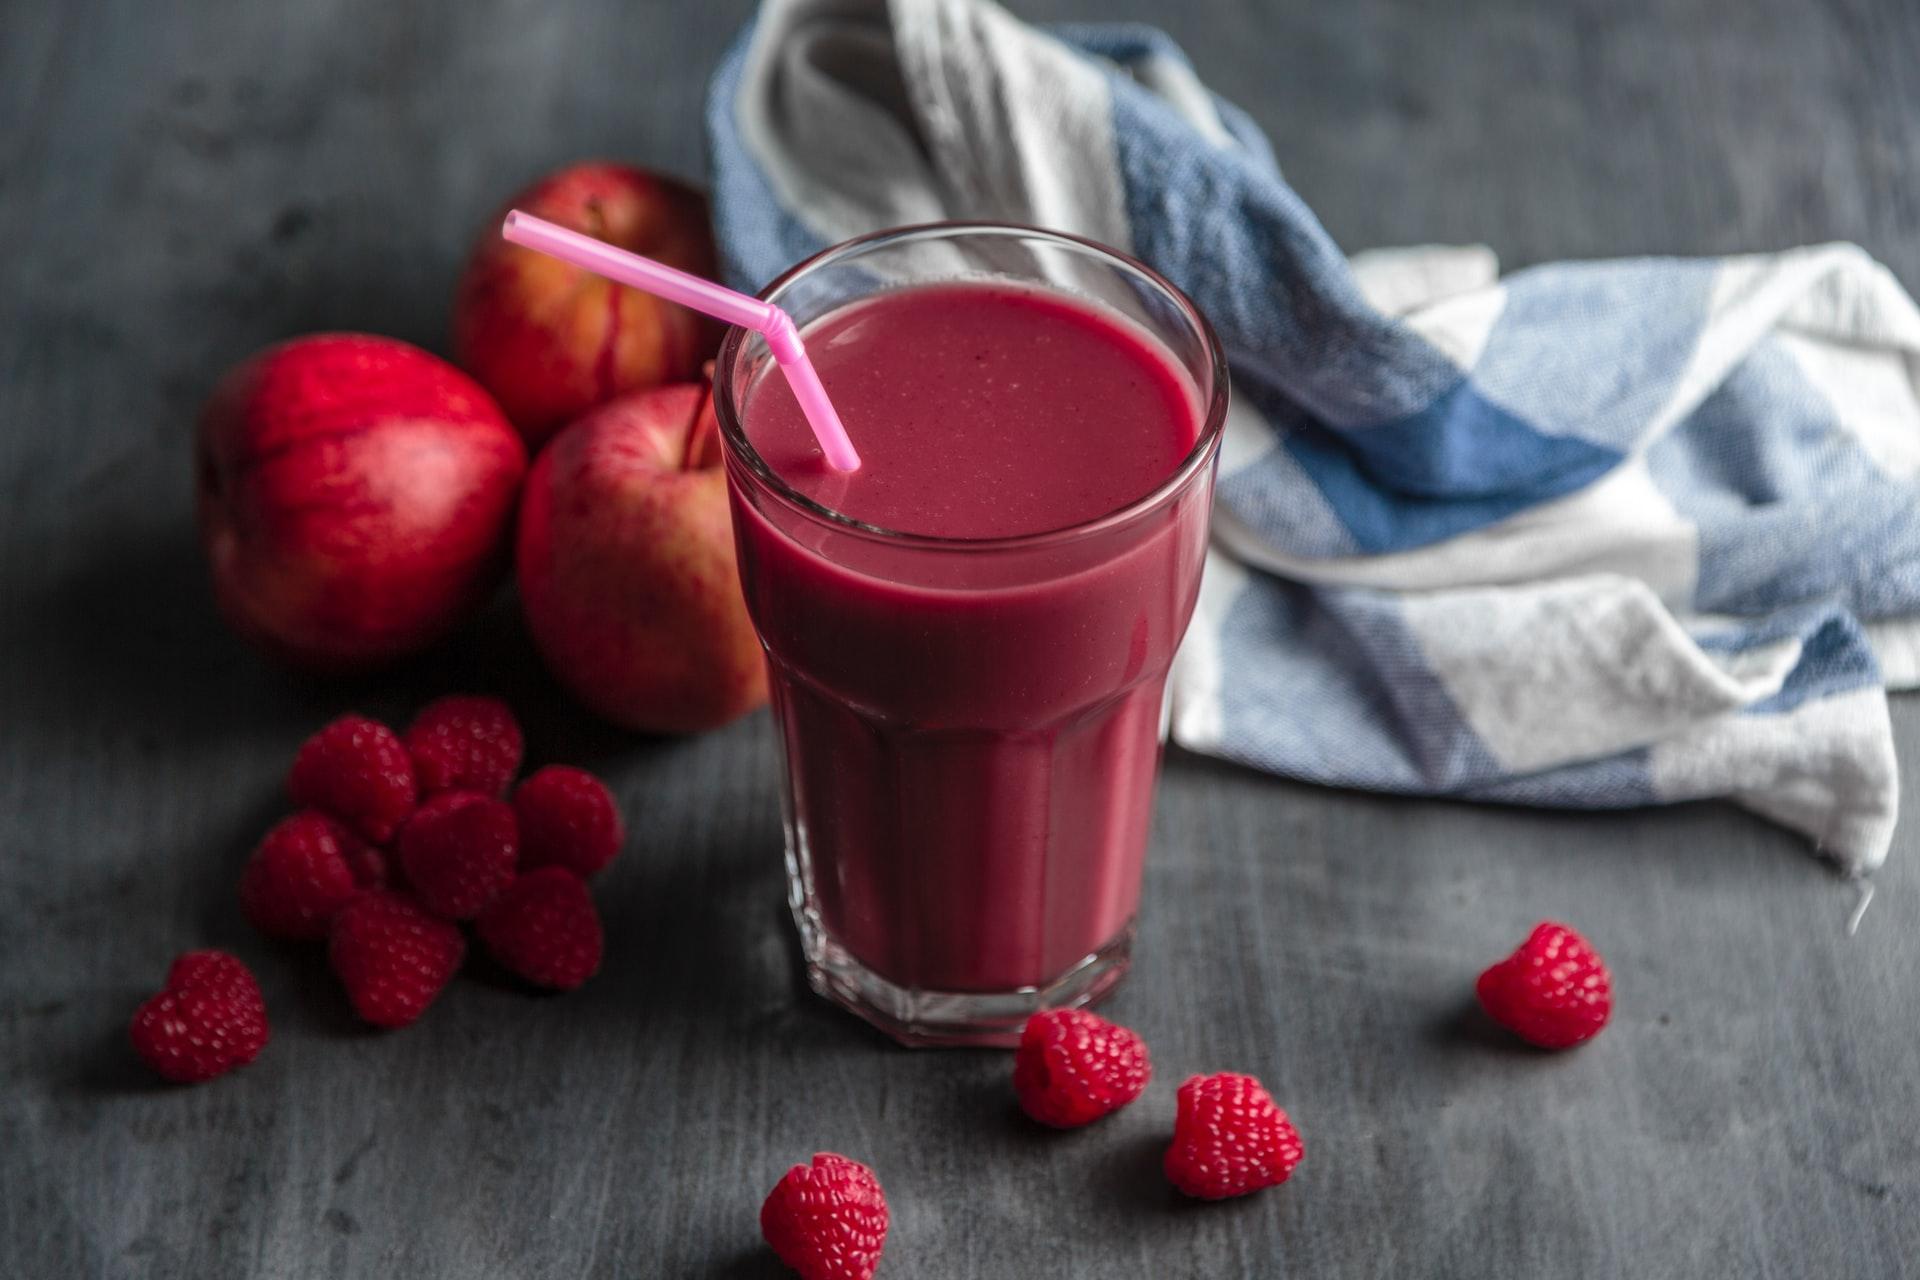 Une recette de smoothie avec des fruits rouges champions en antioxydants